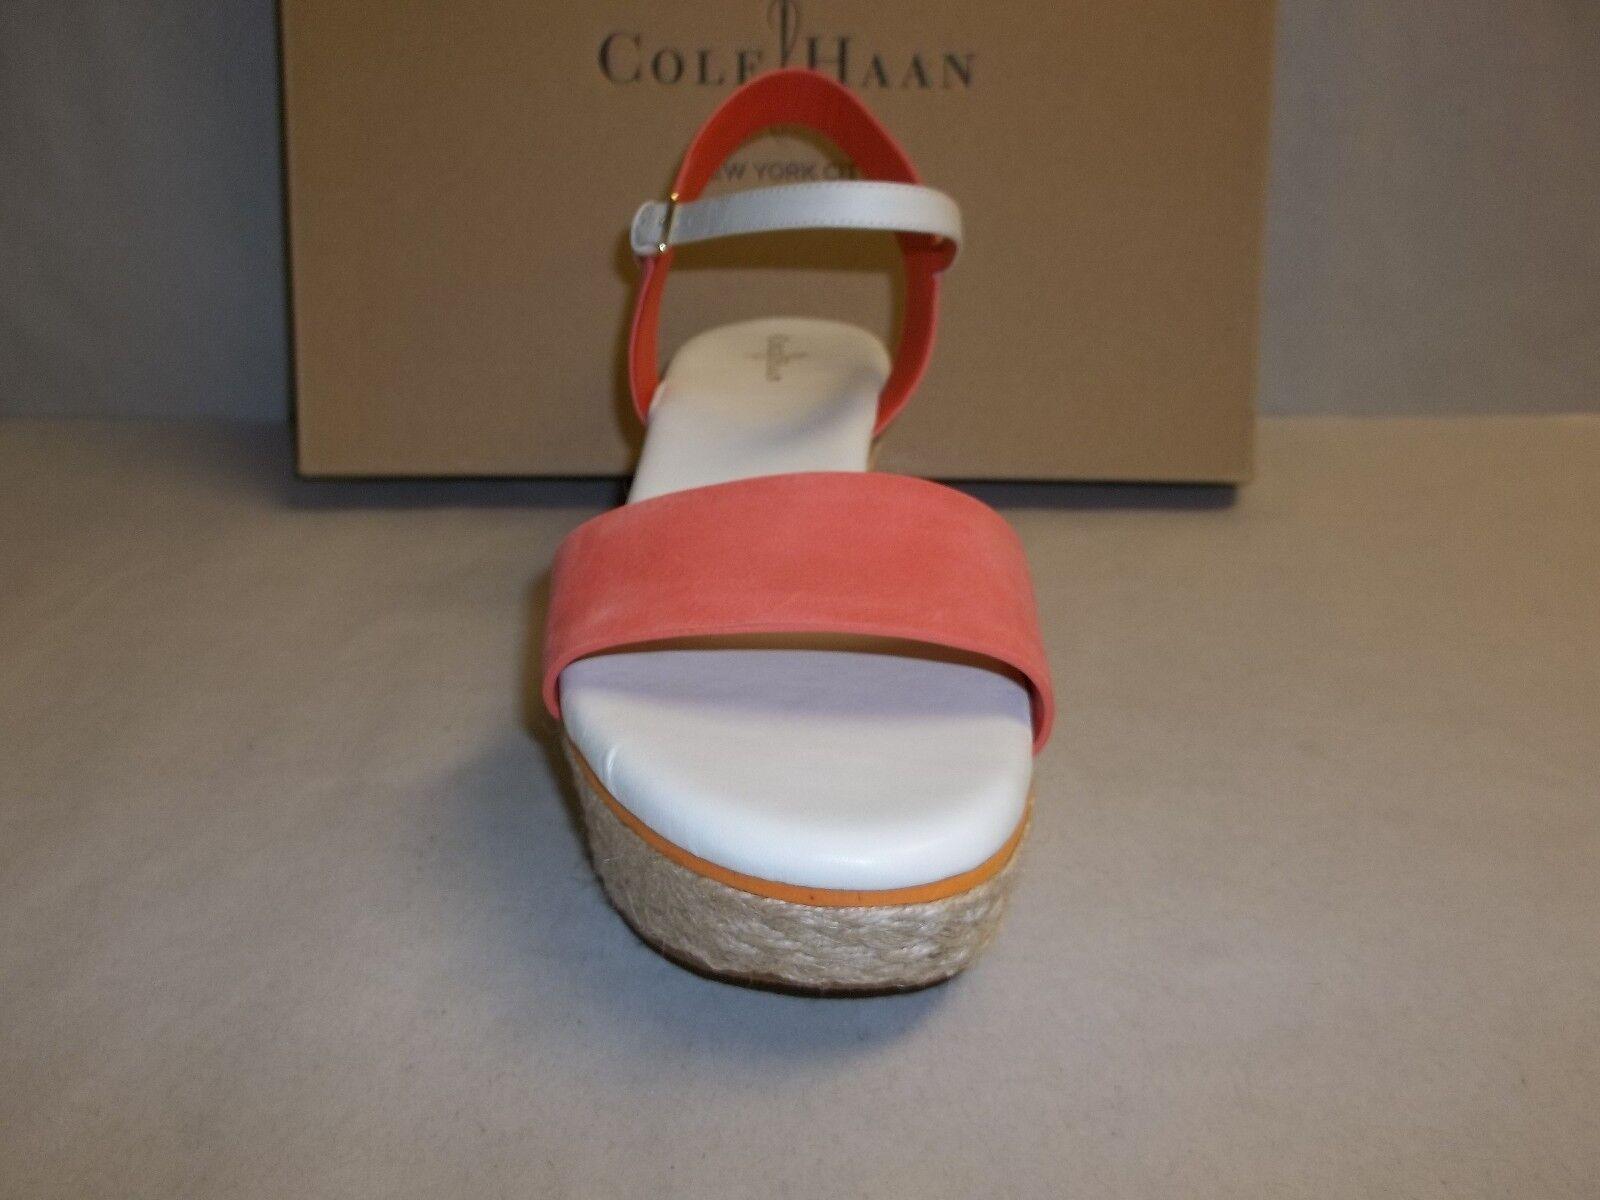 Cole Haan Size 10 M ARDEN WEDGE Orange Pop Pelle Sandals Sandals Pelle New Donna Shoes 3297d6